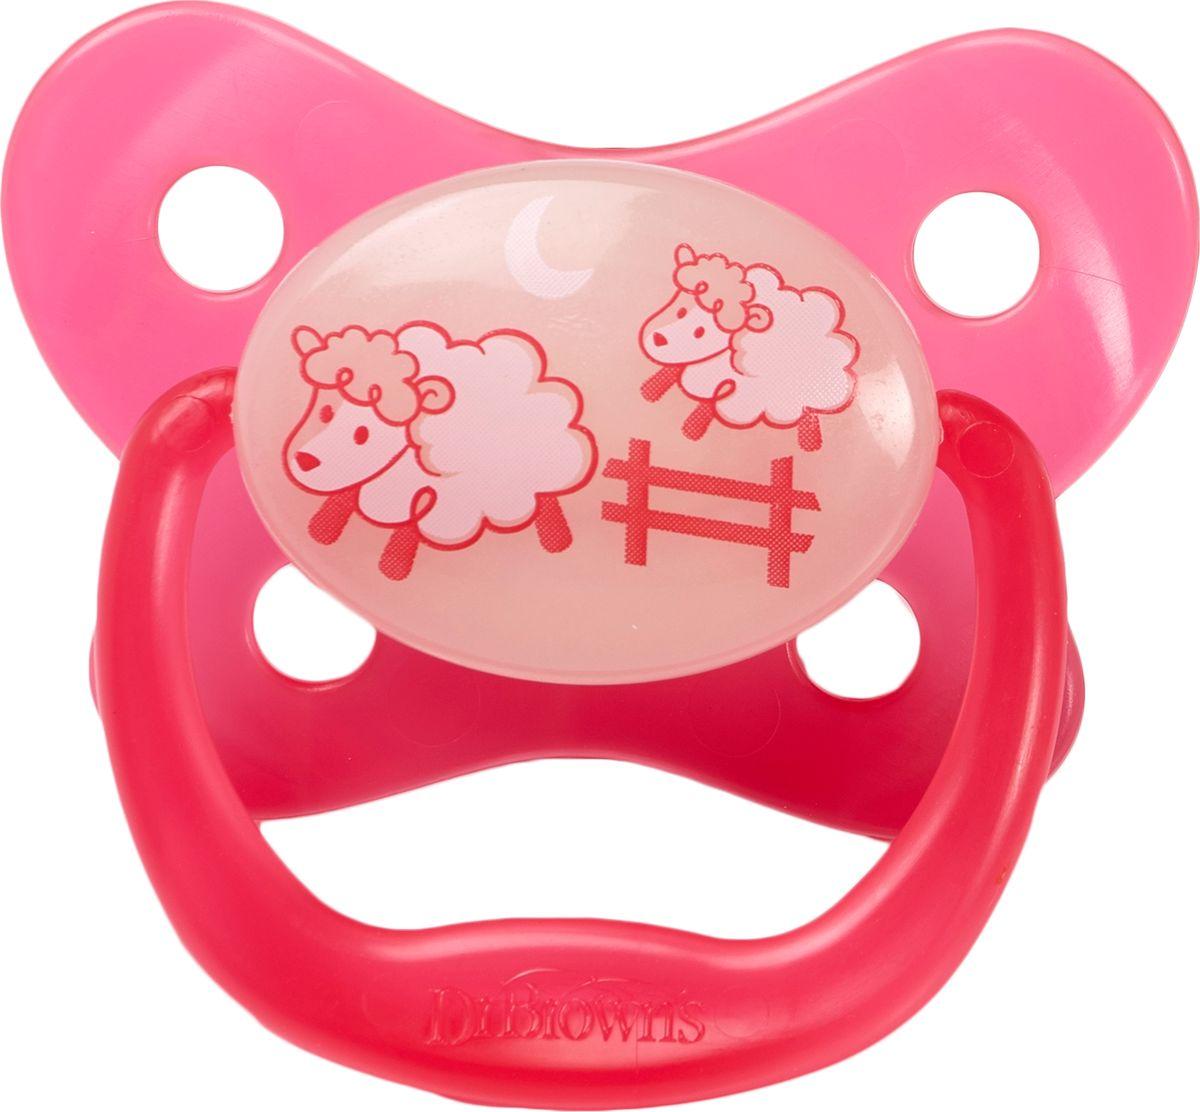 Dr. Brown's Пустышка для сна PreVent от 0 до 6 месяцев цвет розовый